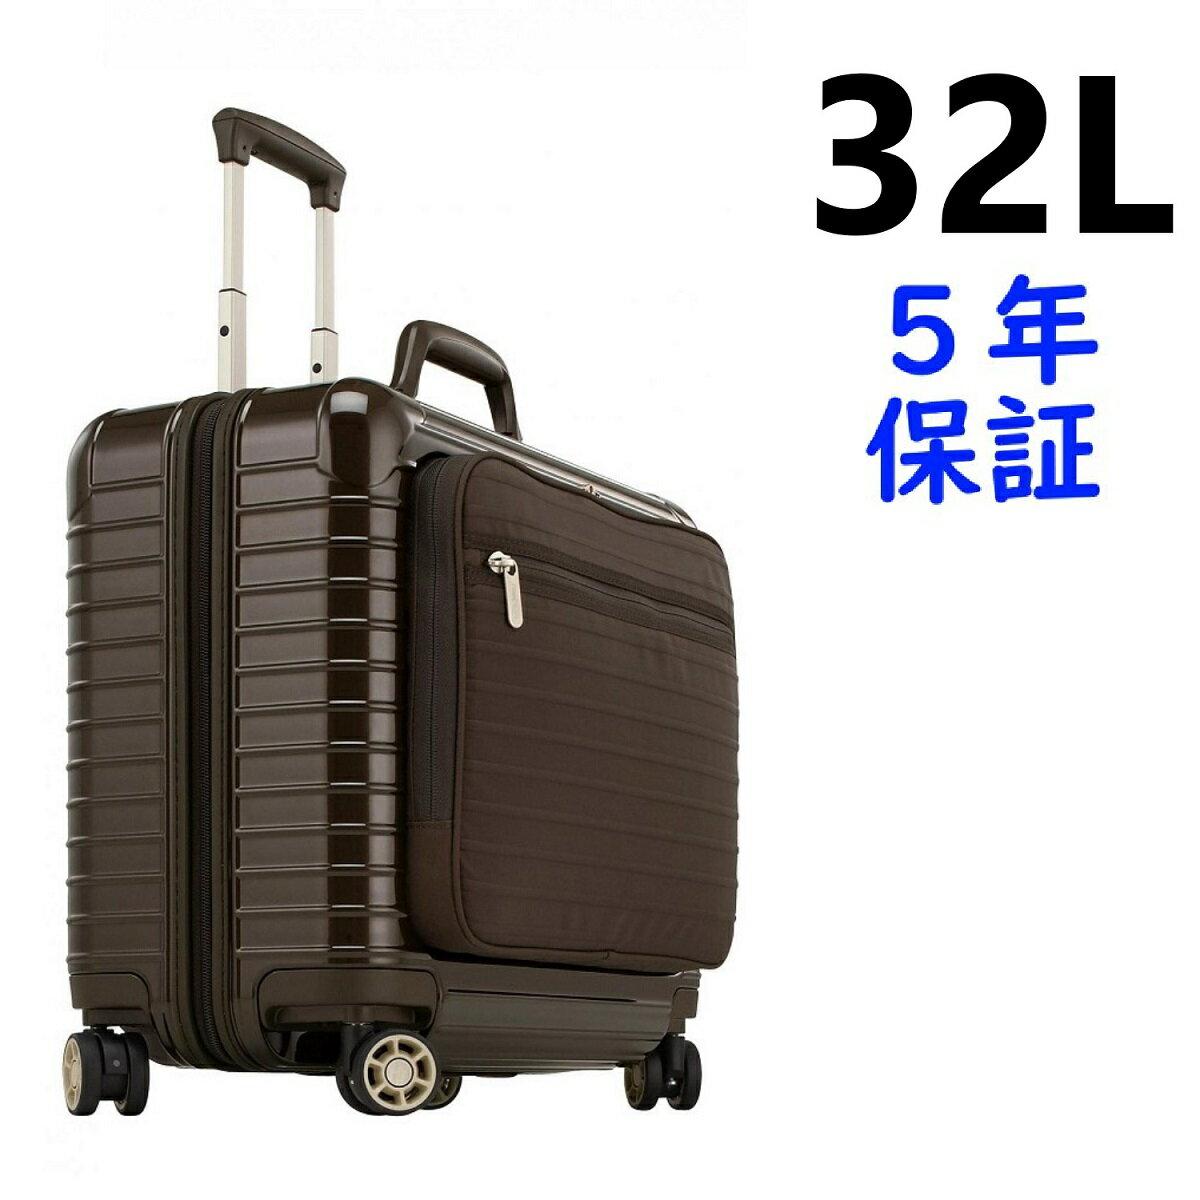 7a3310fbcb リモワ サルサデラックス ハイブリッド 4輪 32L 機内持込可 ブラウン 840.50.52.4 RIMOWA SALSA DELUXE  HYBRID スーツケース リモア リモワ ルフトハンザ スーツケース ...